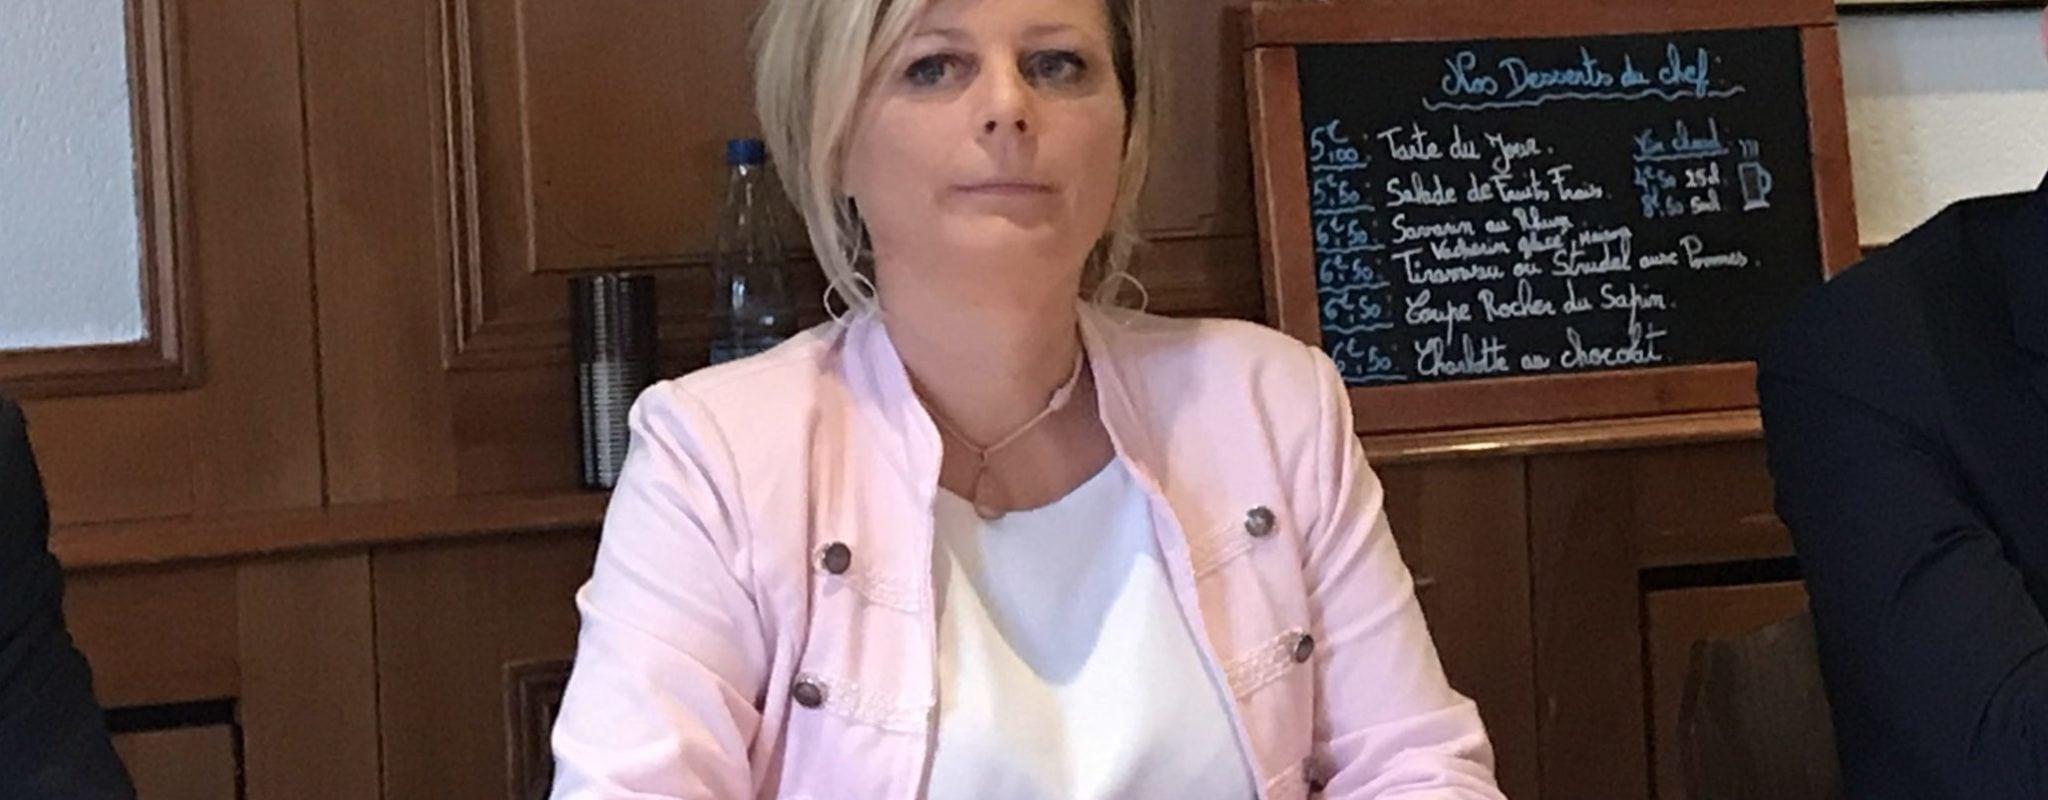 Municipales: Hombeline du Parc (RN) ne pourra pas voter pour elle-même